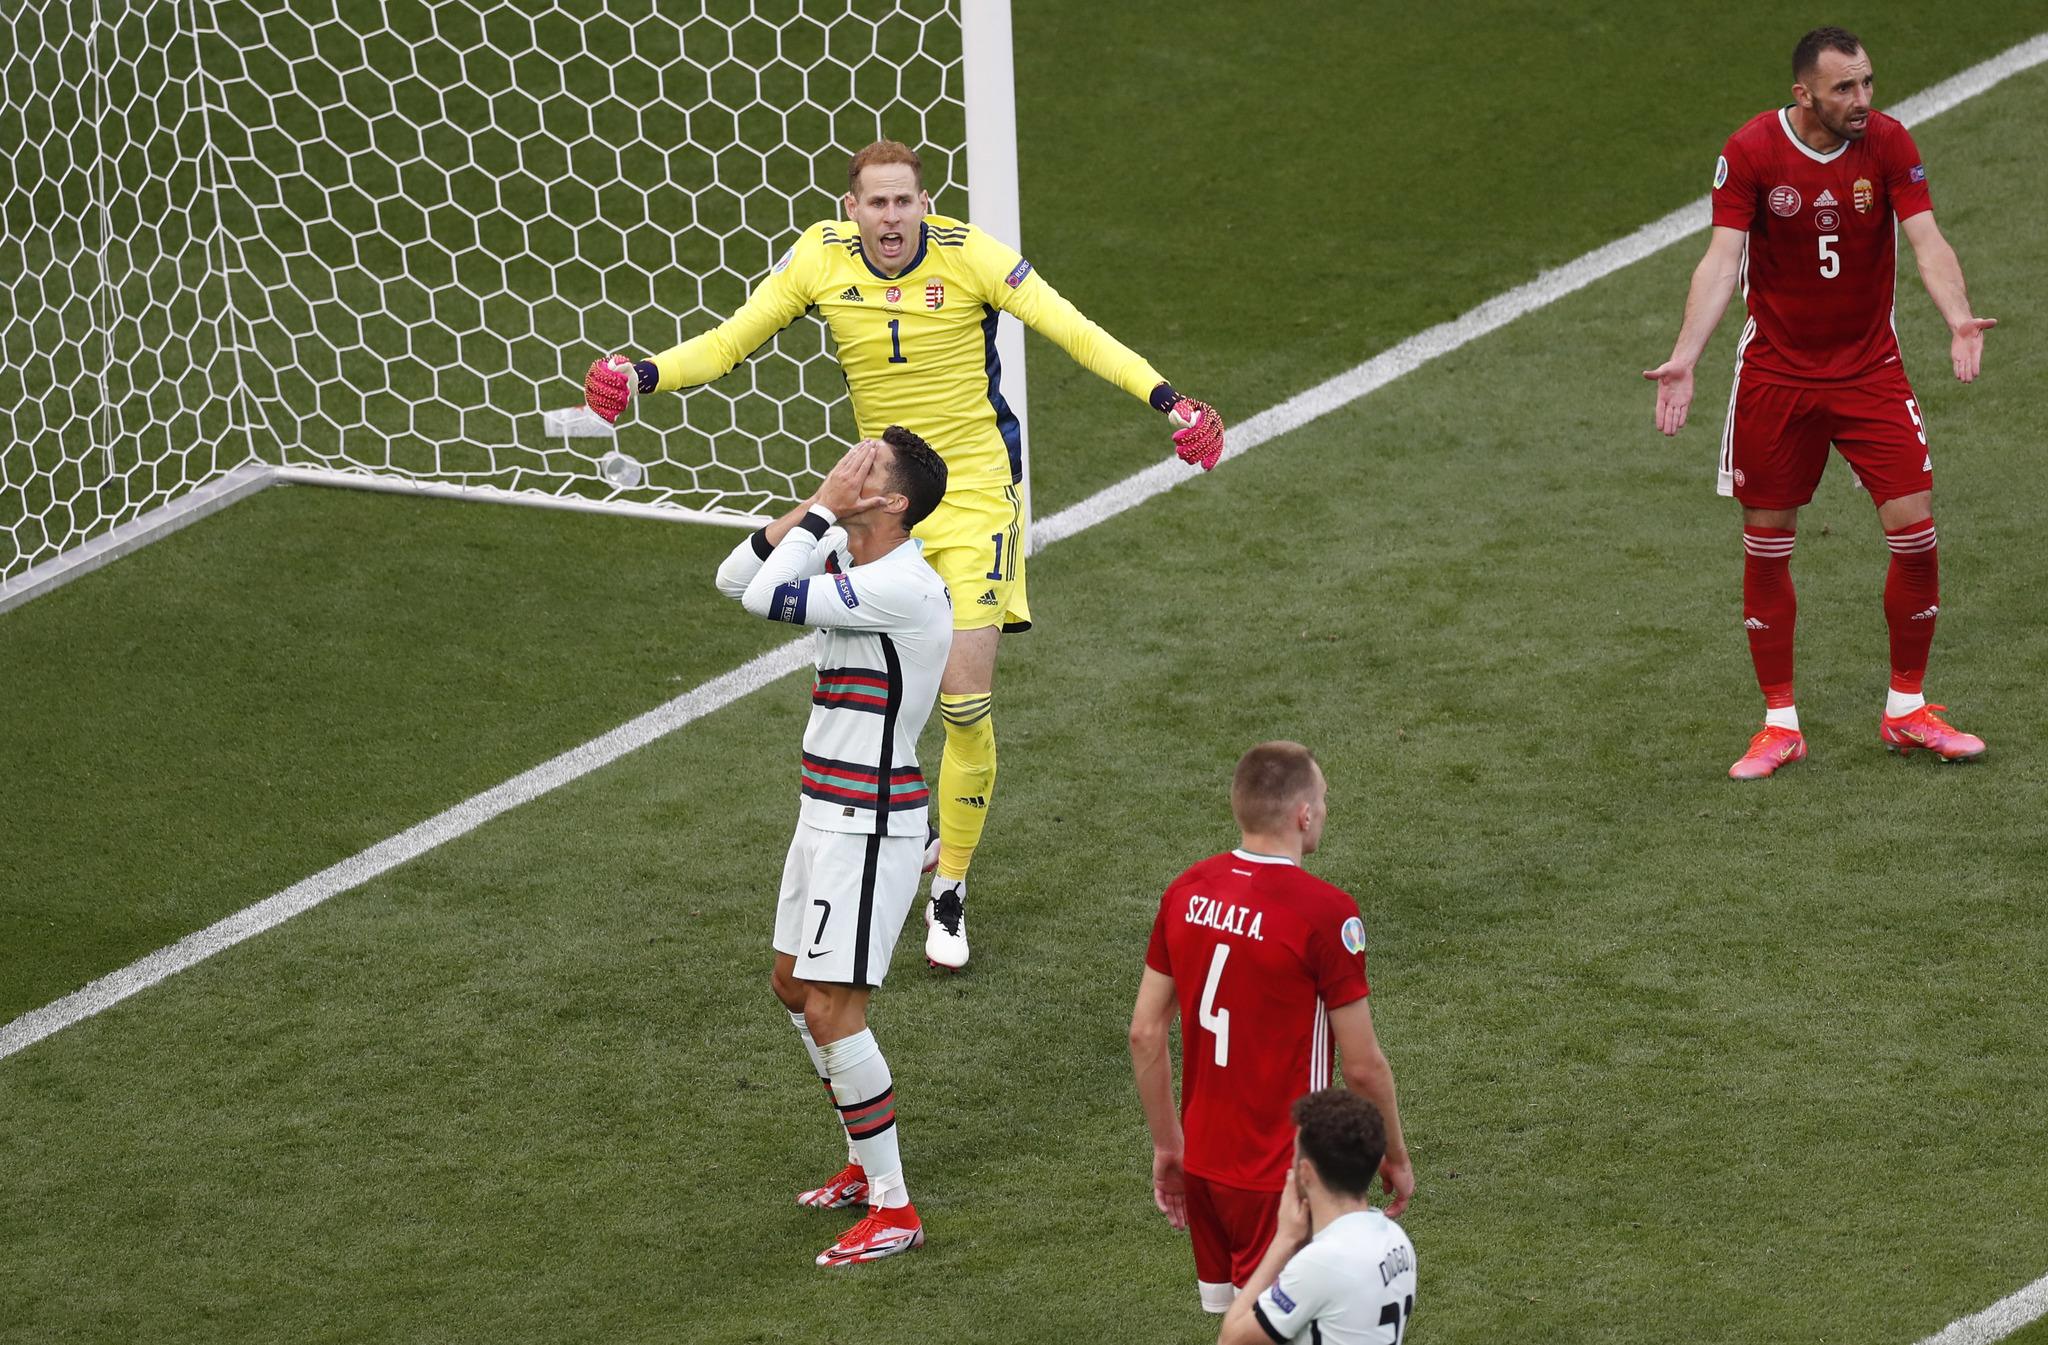 Hungría vs Portugal: resumen, goles y resultado del partido de la jornada 1 del grupo F de la Eurocopa 2020